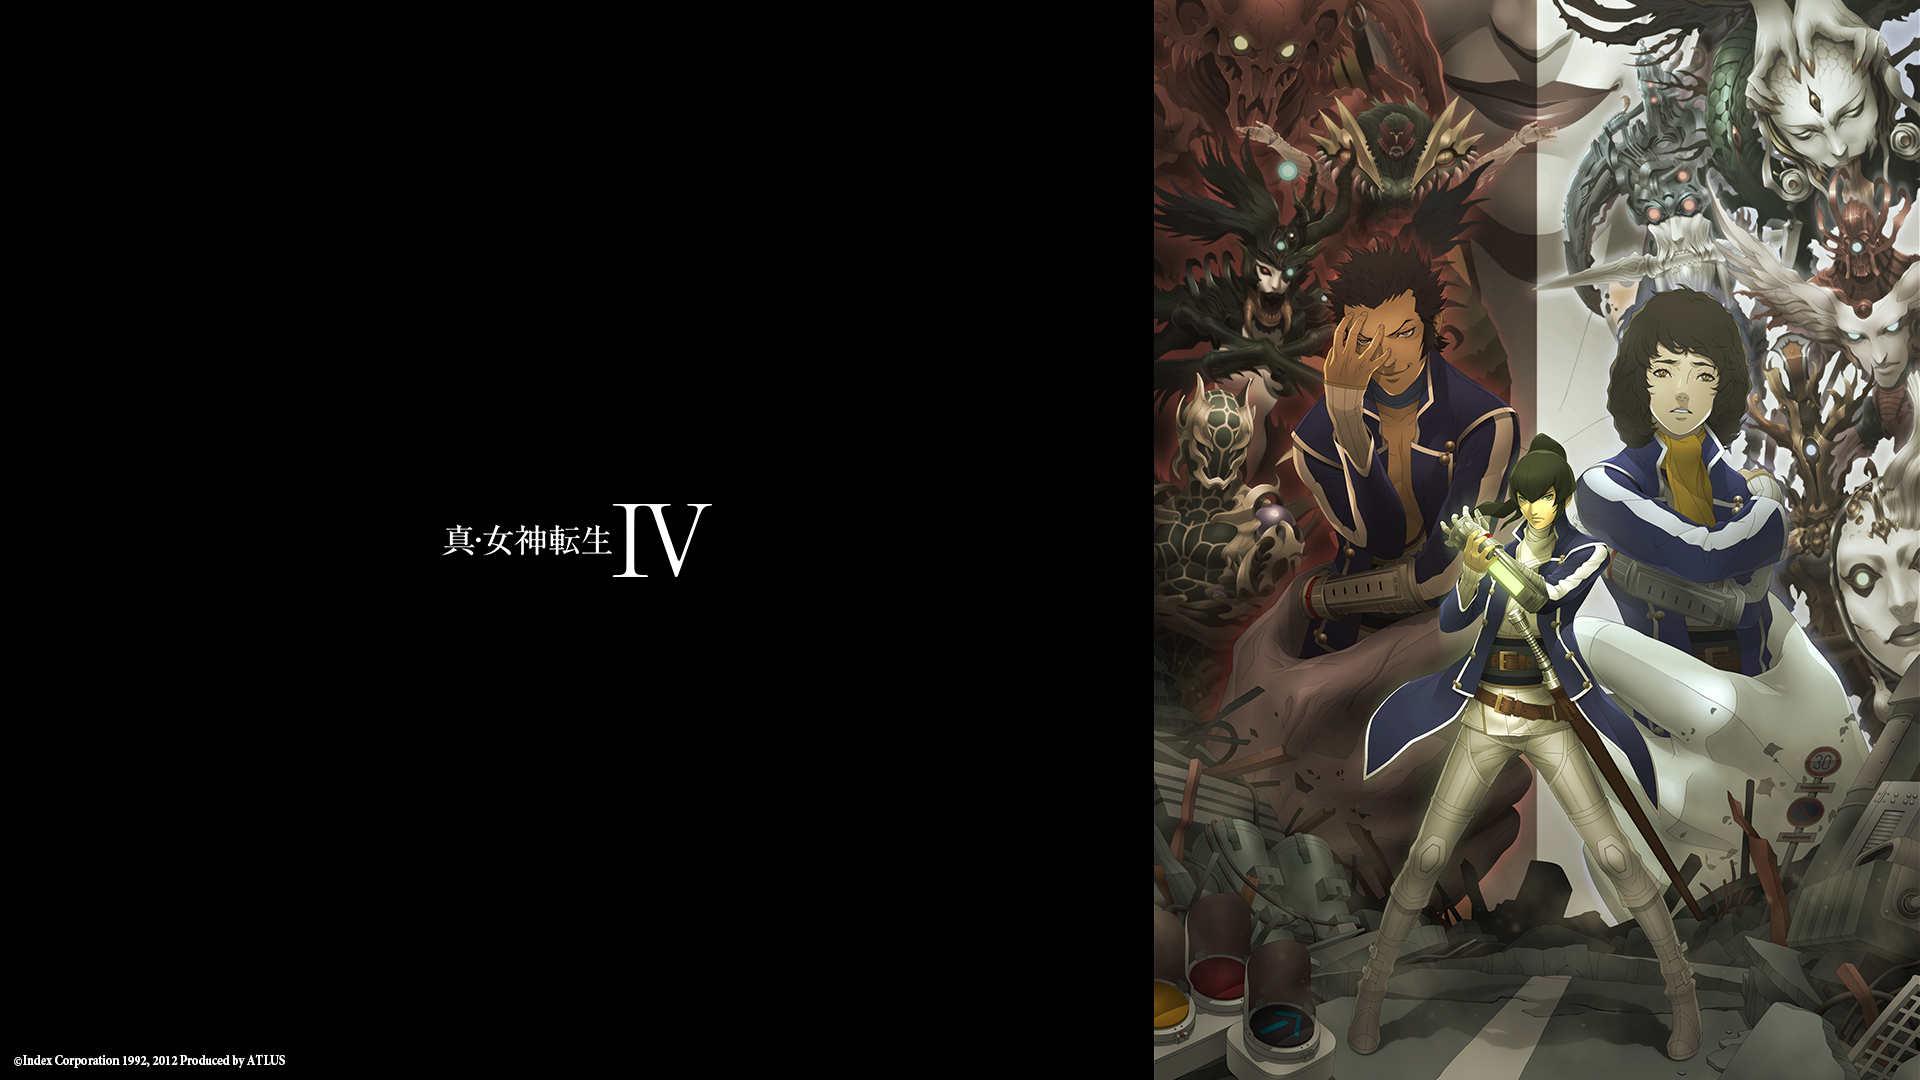 New details for Shin Megami Tensei IV